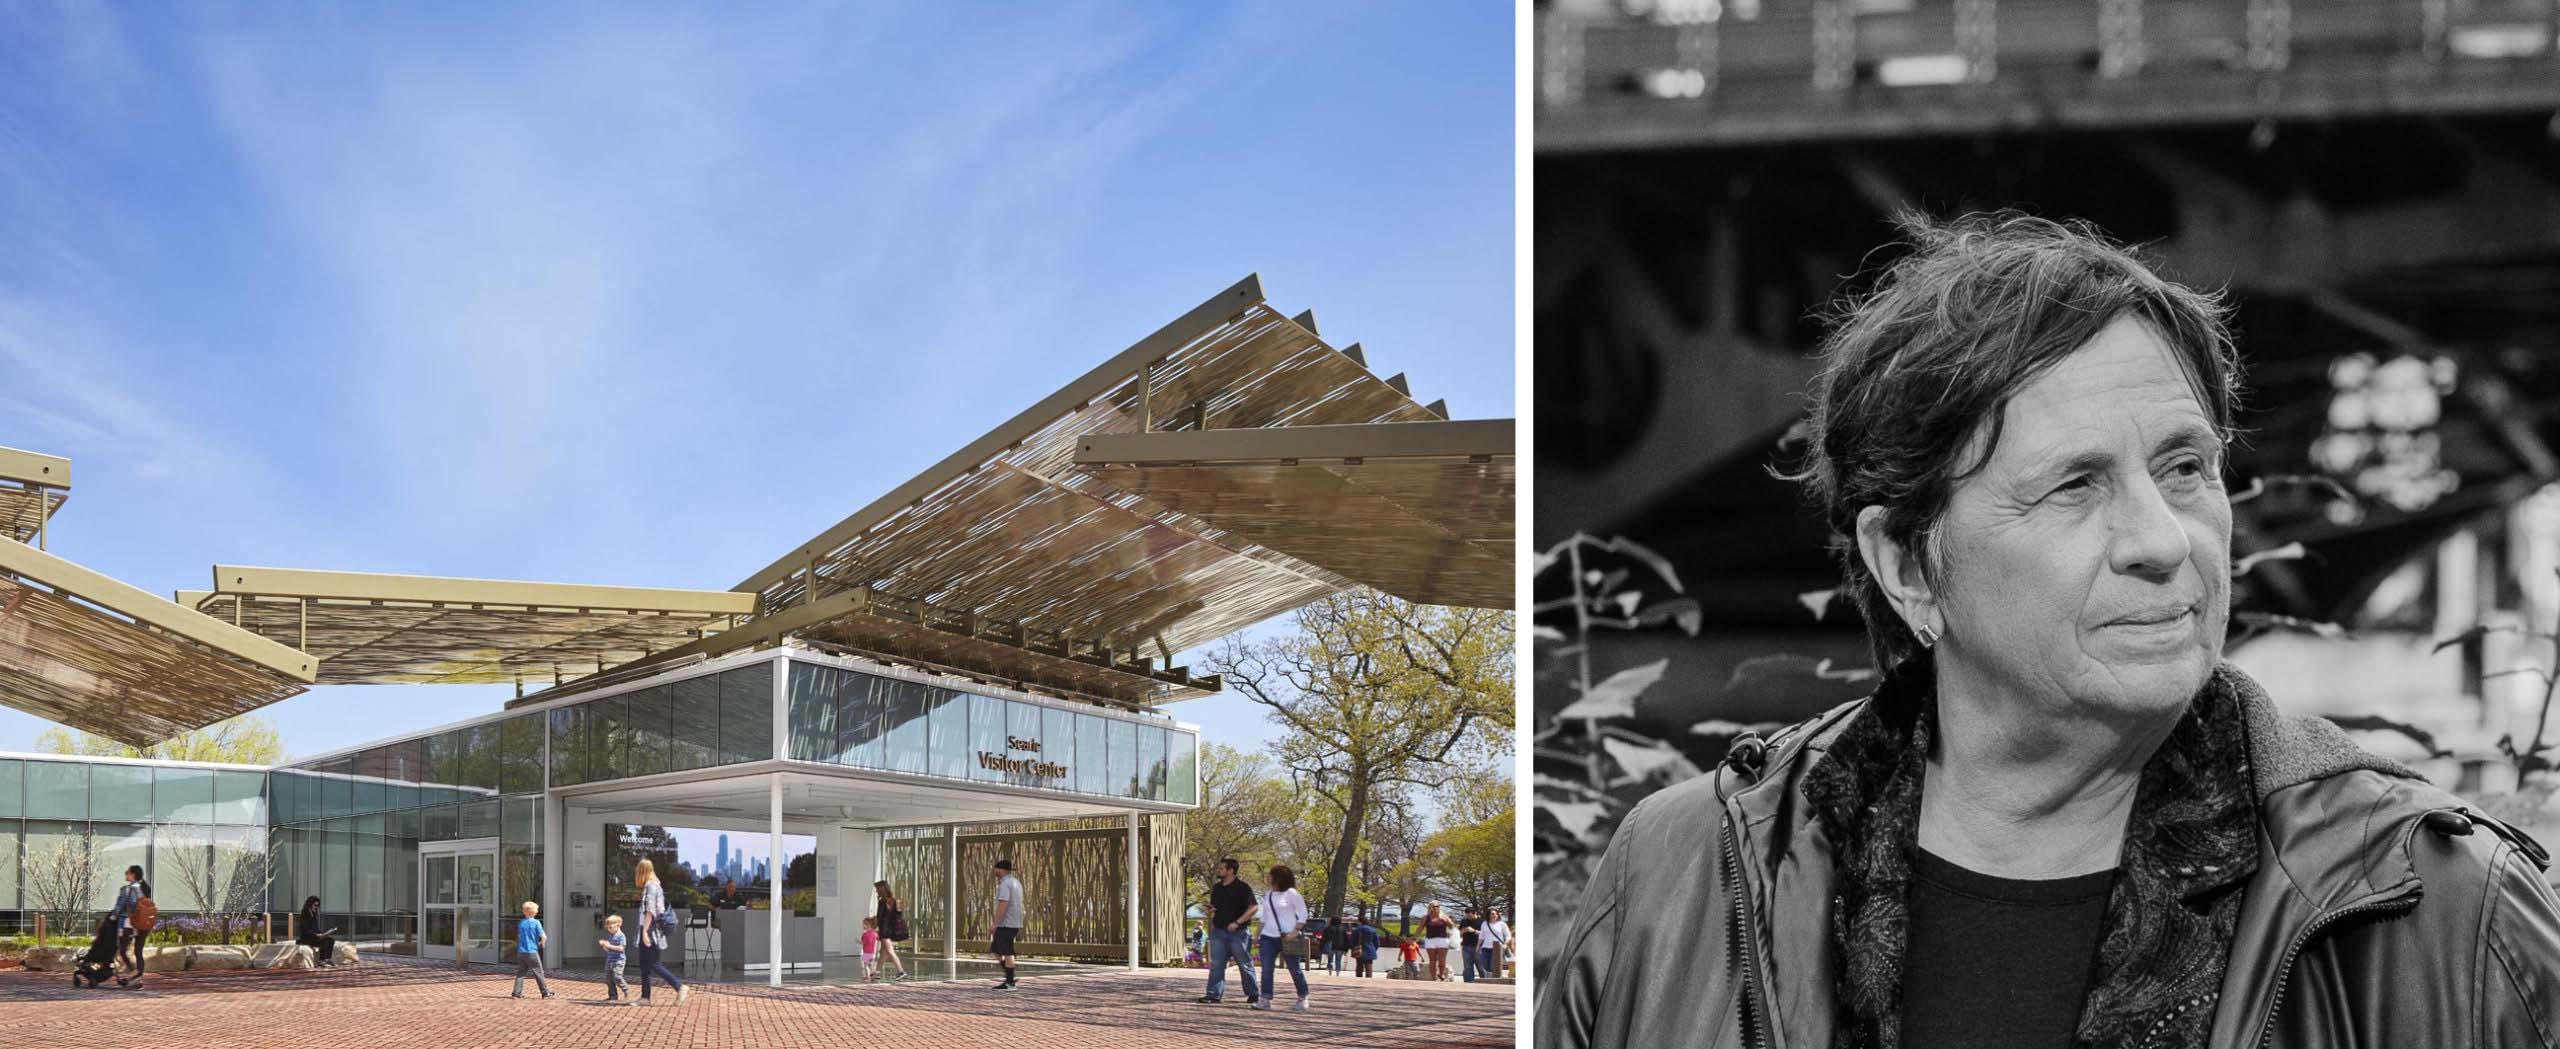 Trái: Trung tâm Du khách Sở thú Lincoln Park của Ross Barney Architects; Phải: Carol Ross Barney, ảnh của Whitten Sabbatini